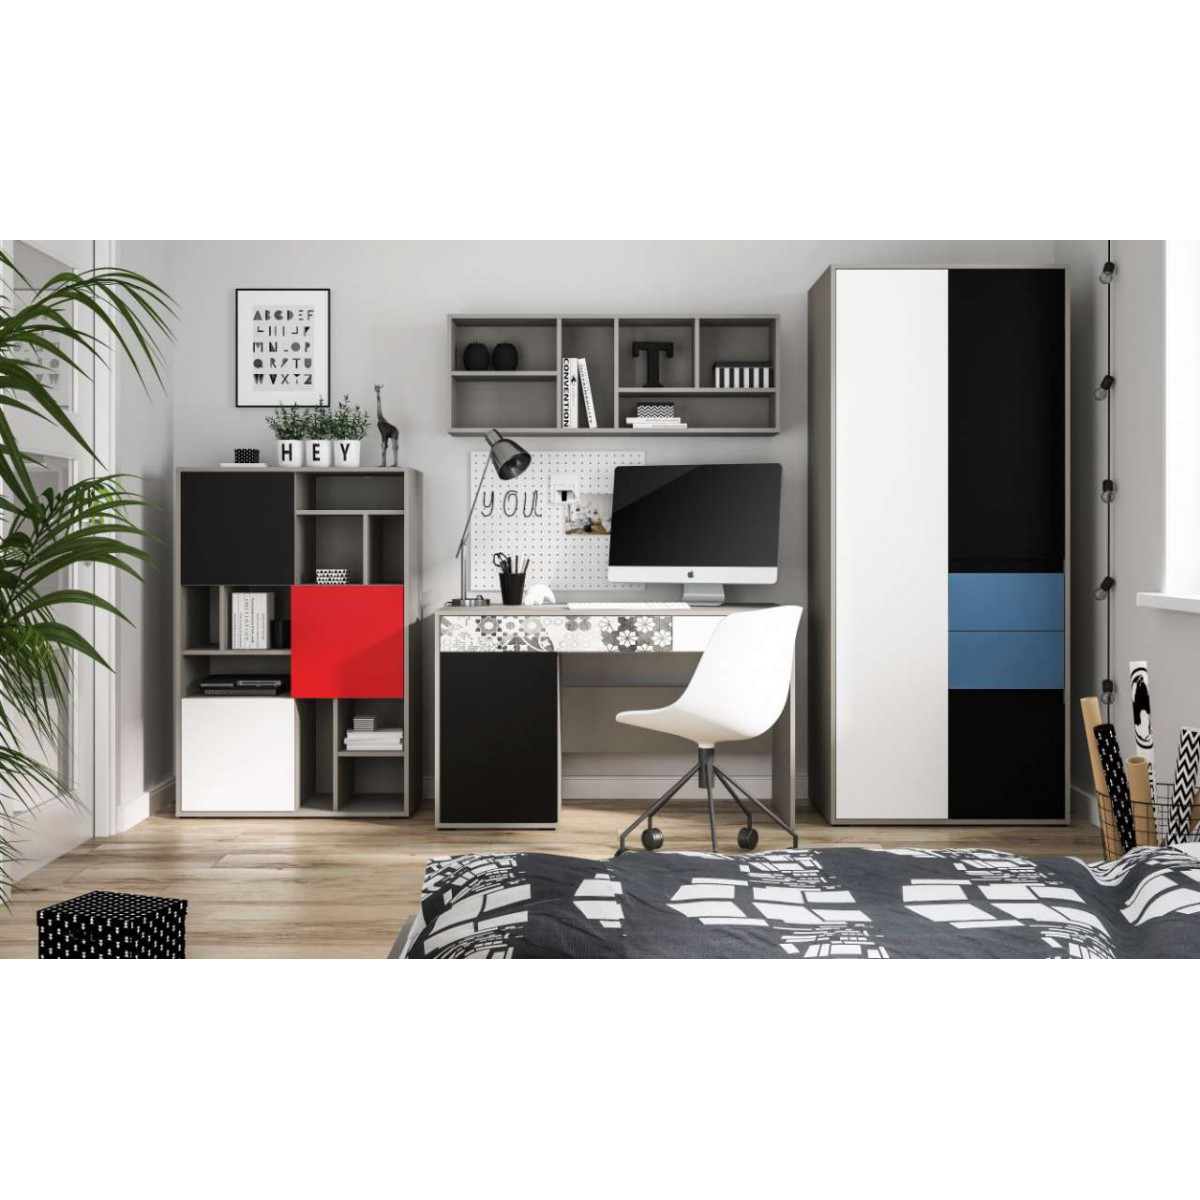 Biurko do pokoju młodzieżowego szary platynowy, czarna perła / biała alpejska Laser LASB01B